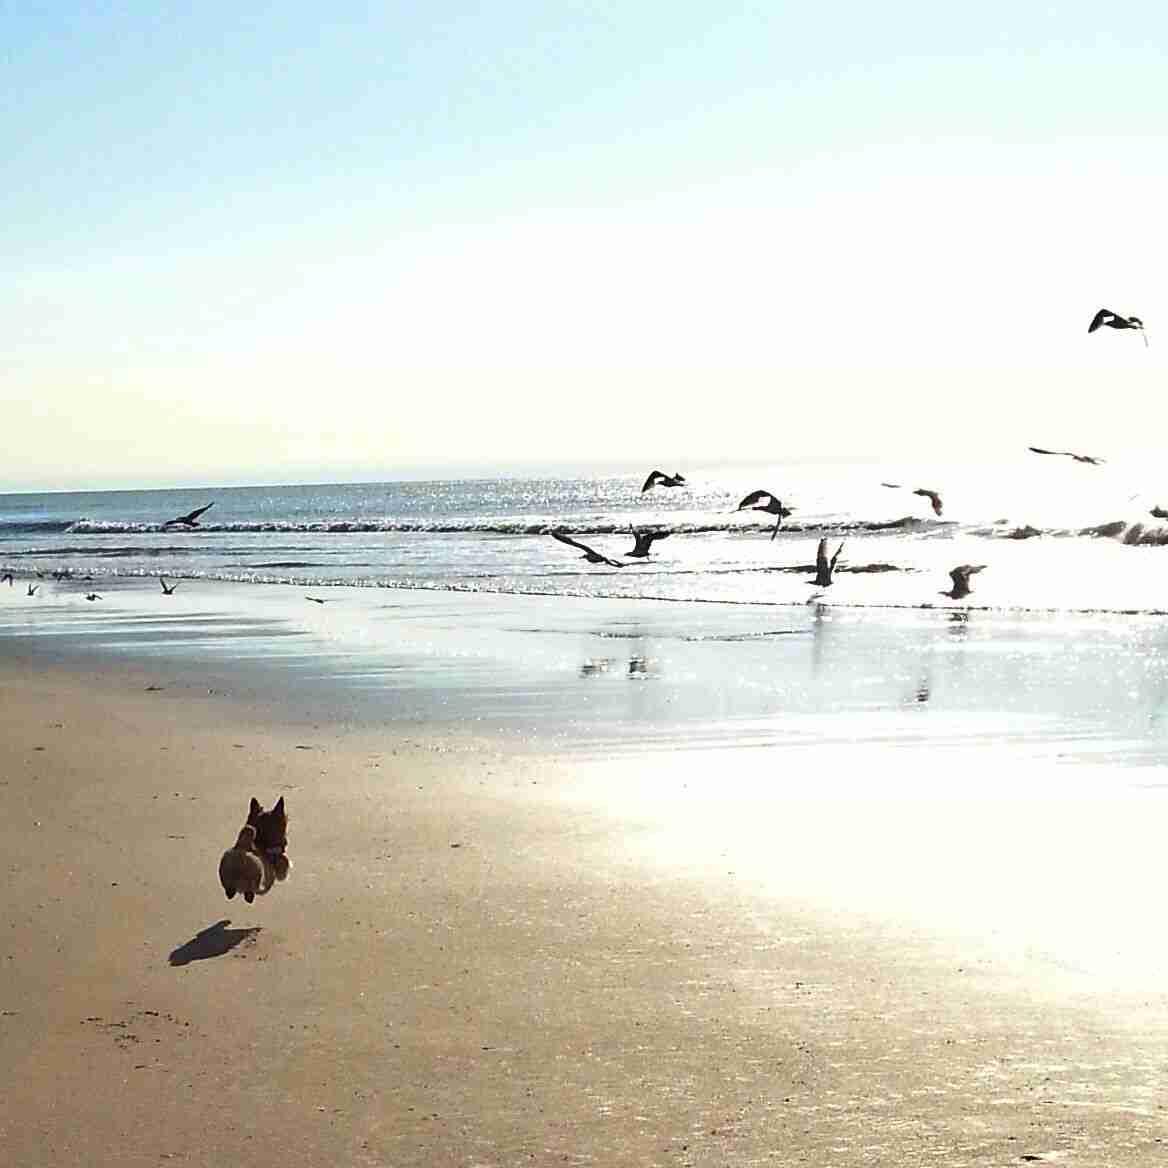 【画像】綺麗な海を眺めていたら、片平なぎささんが現れるトピ。時々船越さん、